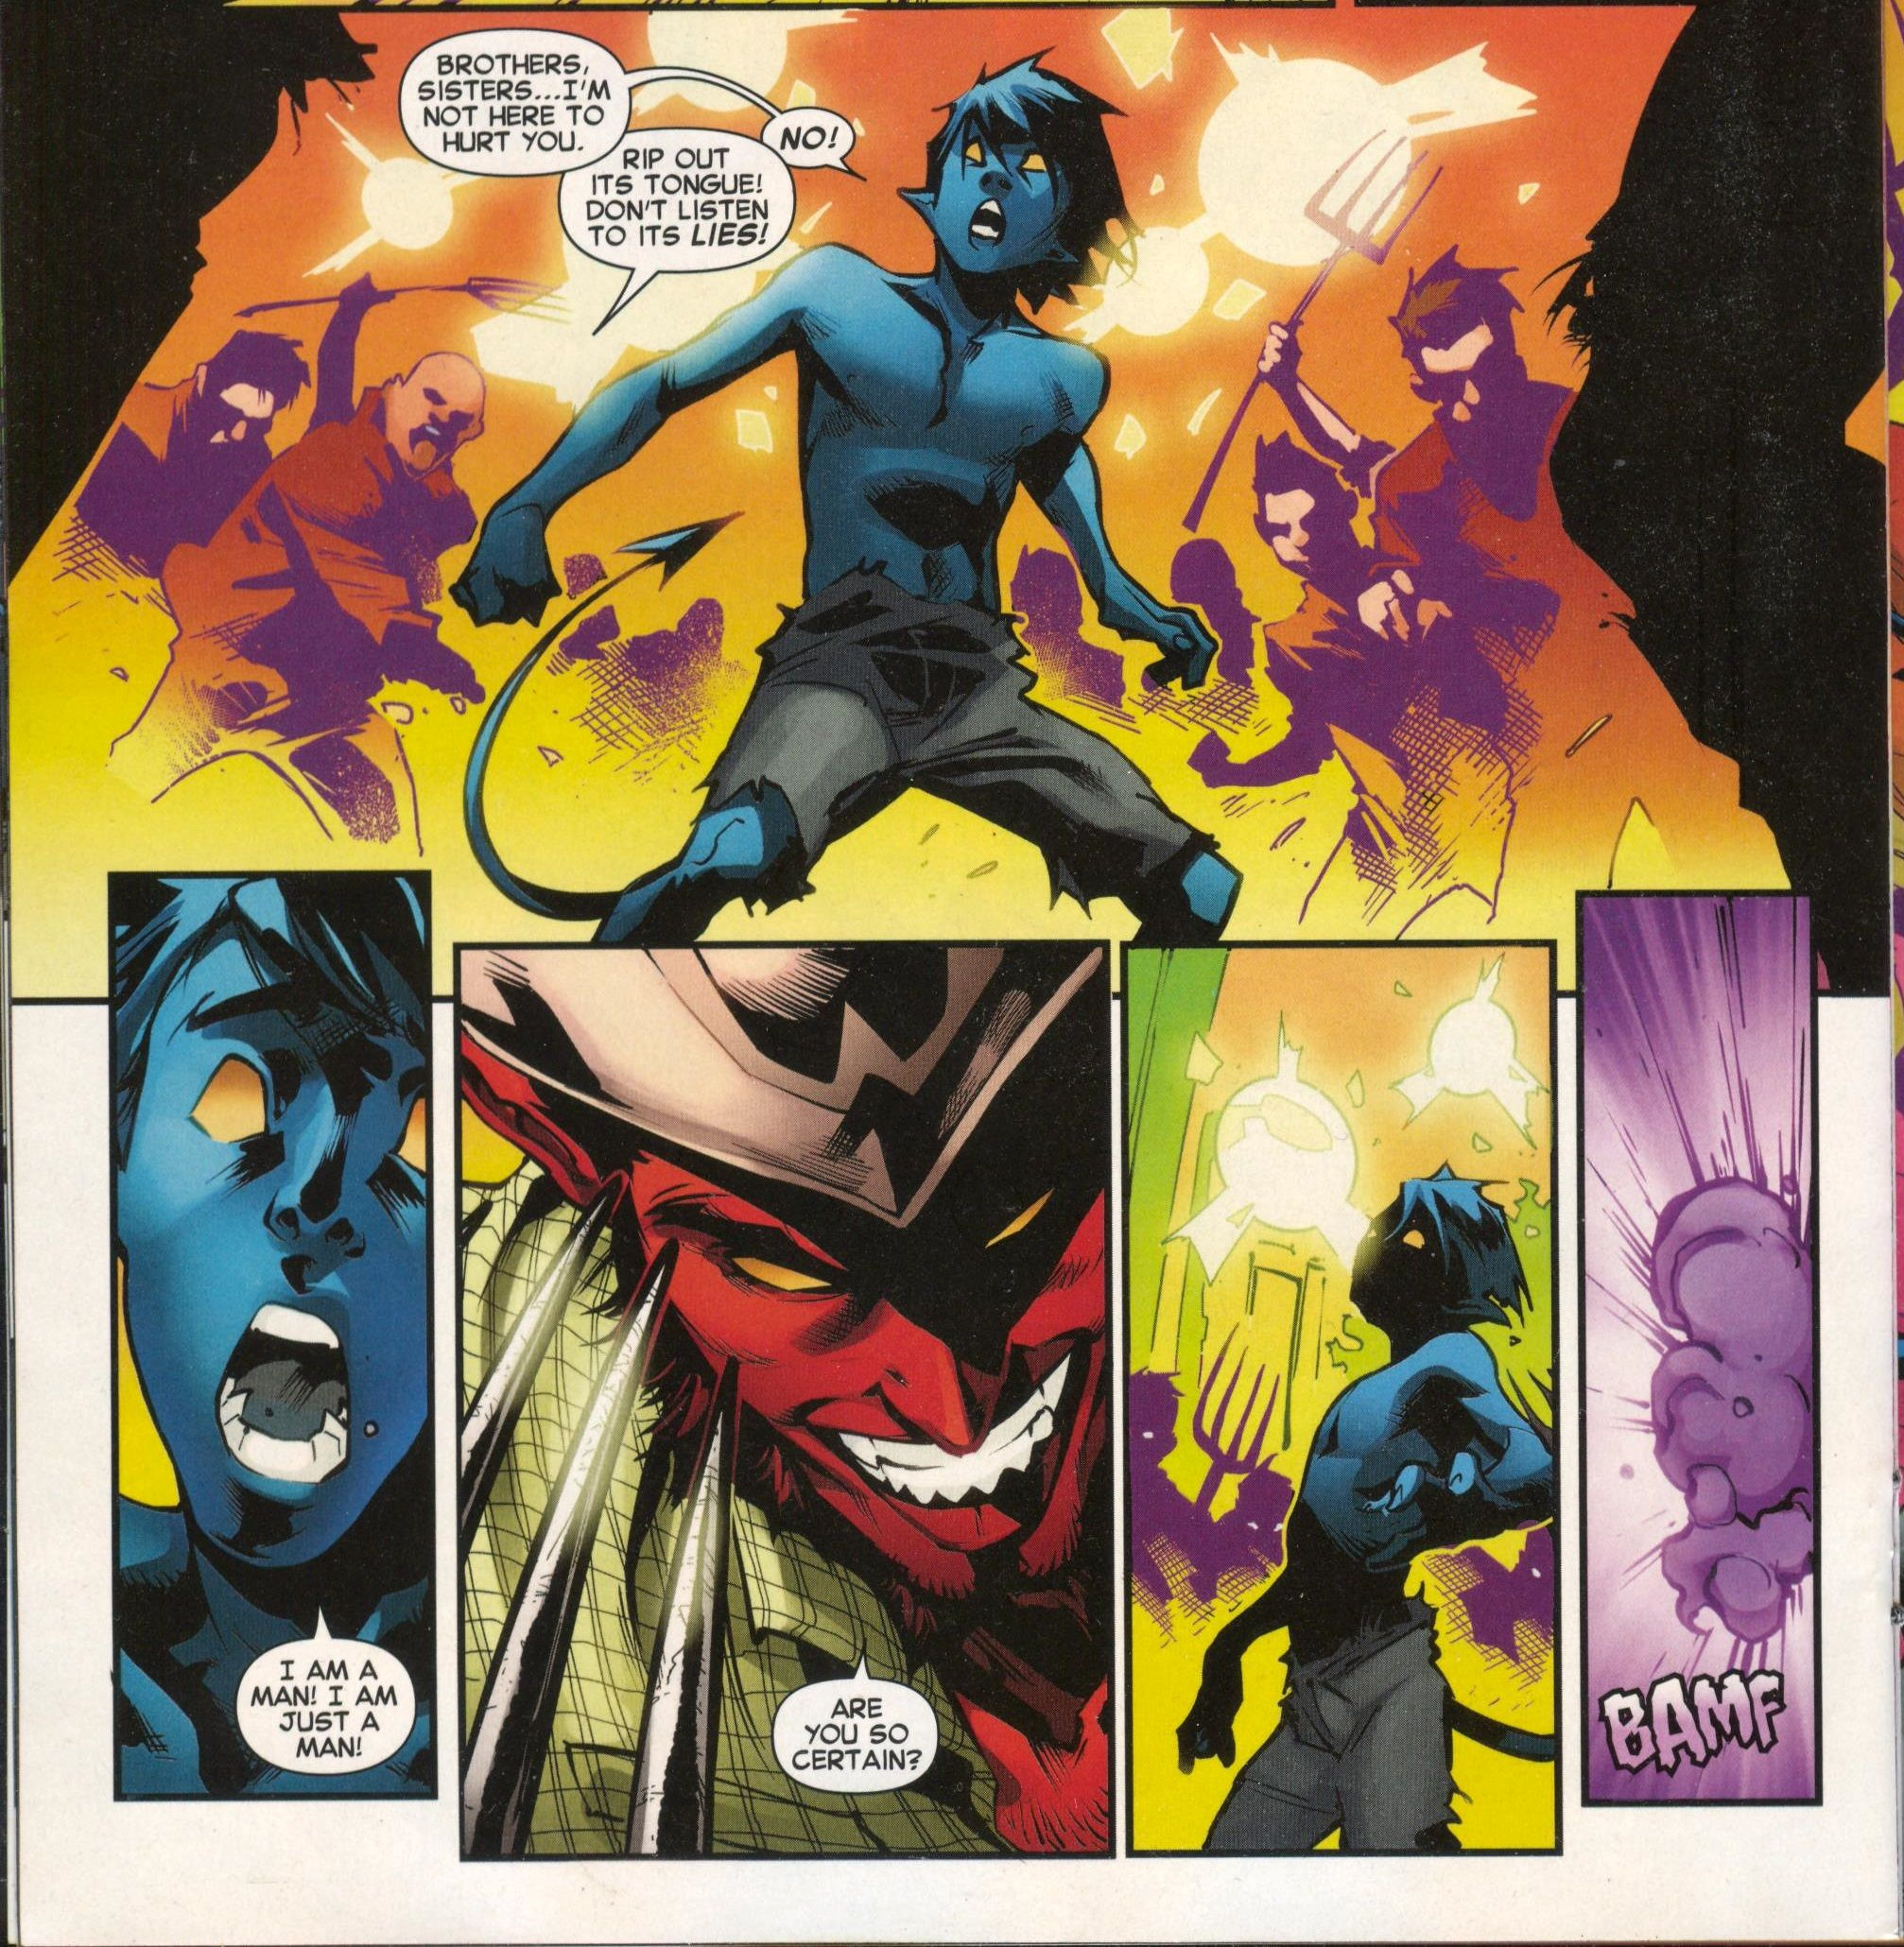 From Amazing X Men 13 Nov 2014 Nightcrawler Comics X Men